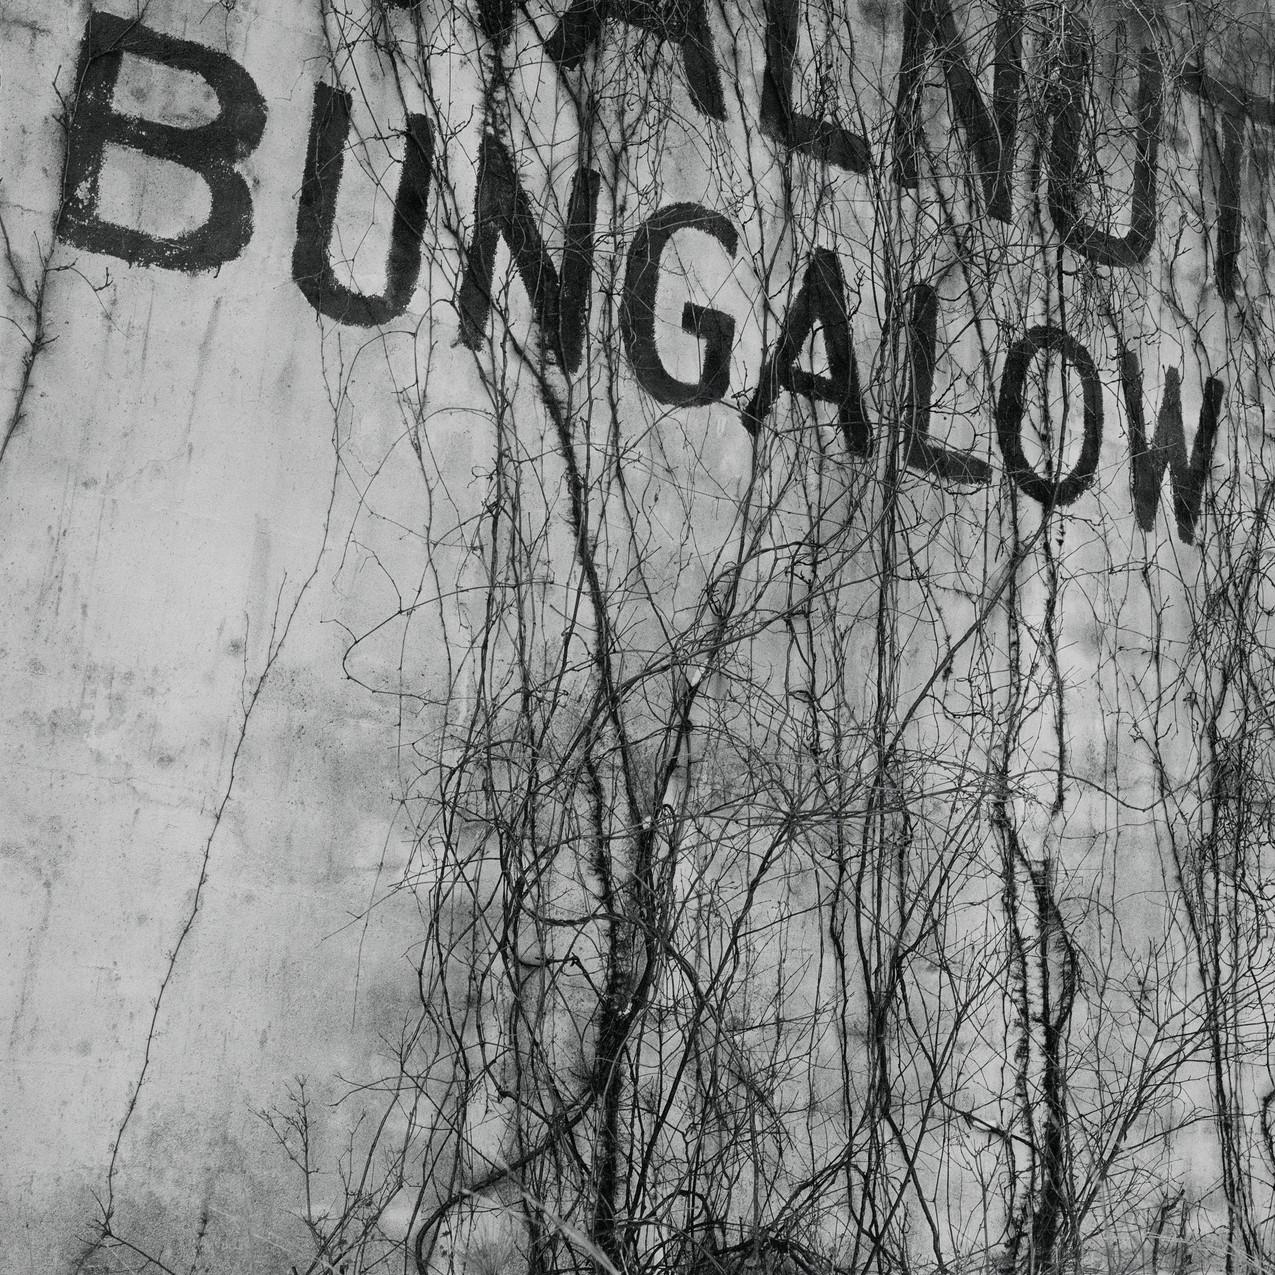 Bungalow by Abranowicz